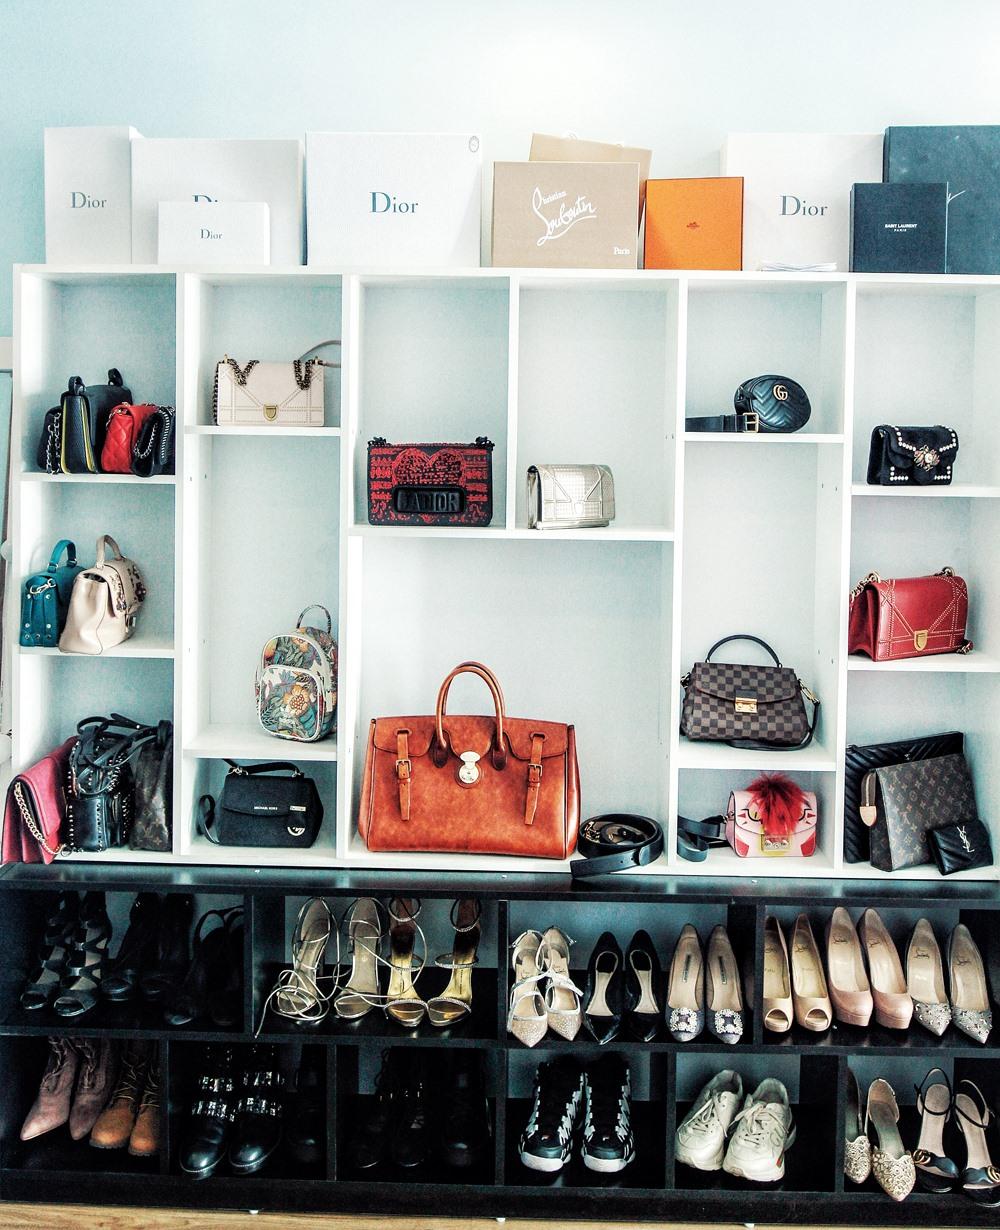 Trong phòng ngủ ở nhà, Trâm Anh dành một không gian lớn để trưng bày những chiếc túi xách và giày dép hay sử dụng nhất. Cô nàng sở hữu khoảng 30 chiếc túi xách, hơn 30 đôi giày hàng hiệu, sắp xếp gọn gàng, đẹp mắt.